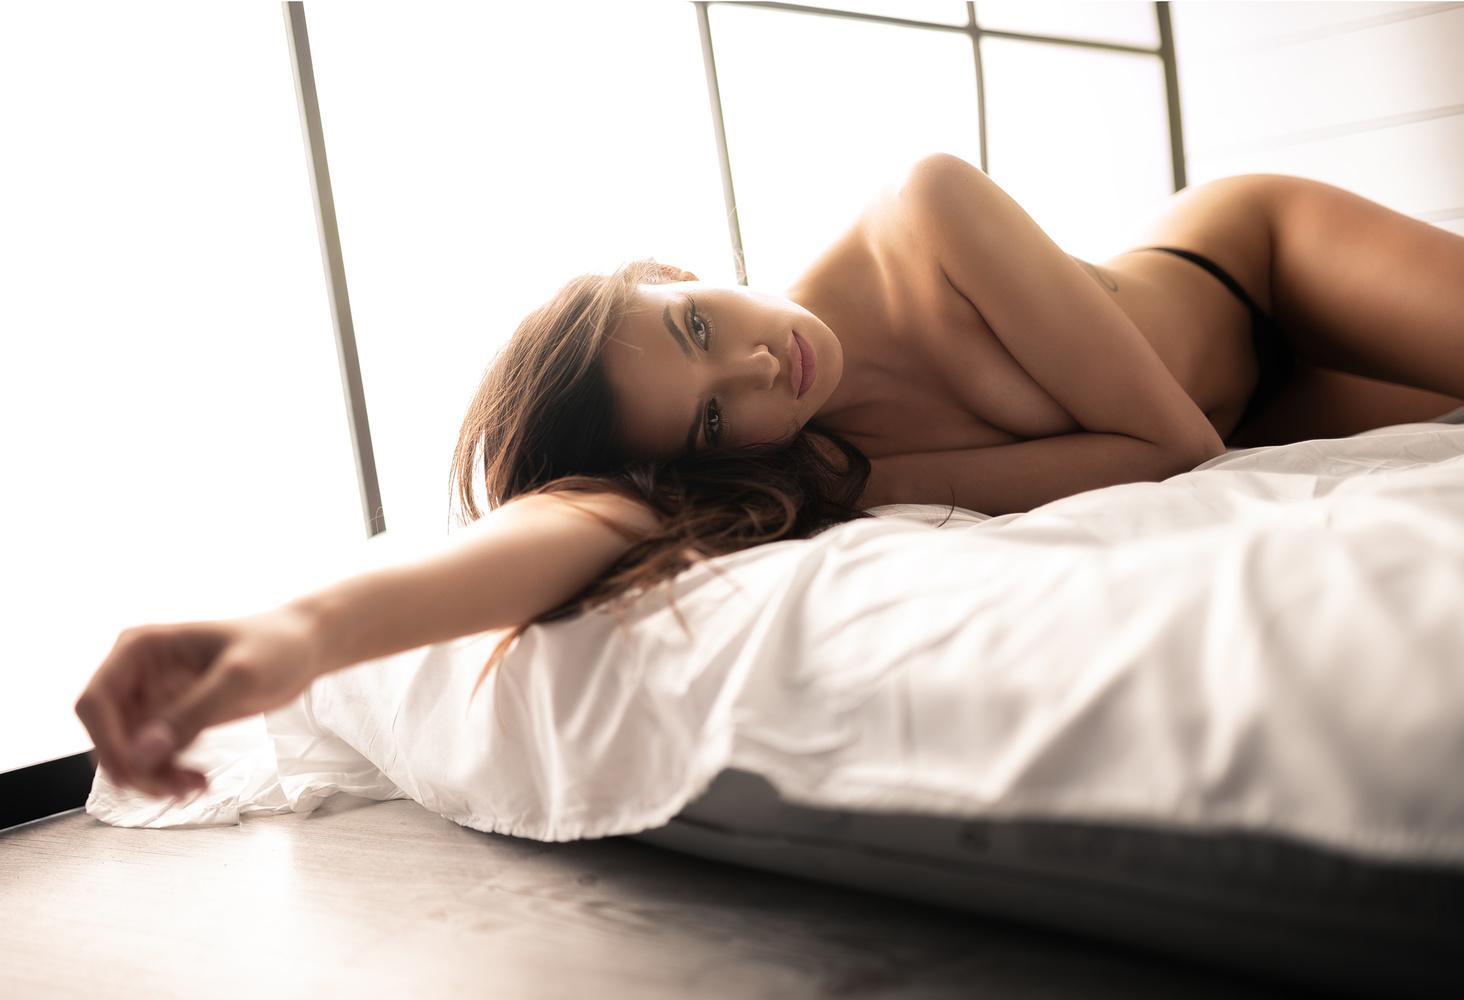 Sensual woman in studio by Krzysztof Budych